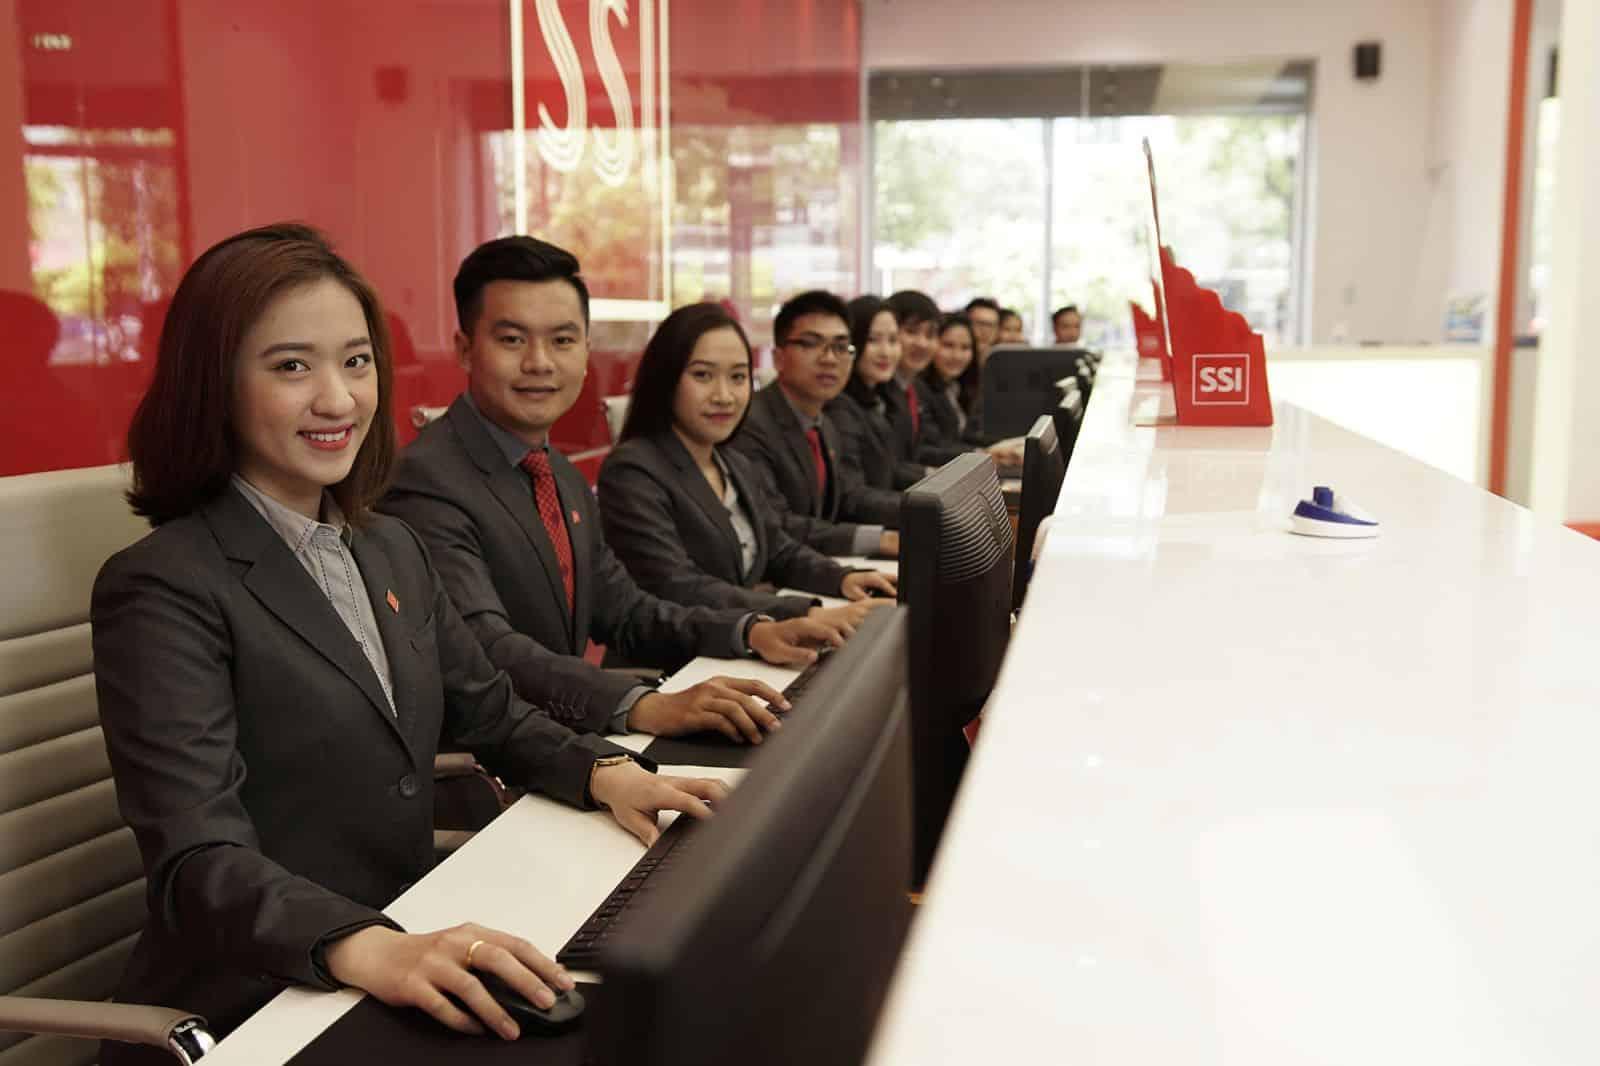 TCBC] SSI là công ty chứng khoán duy nhất trong top 30 doanh nghiệp tư nhân có lợi nhuận tốt nhất năm 2018